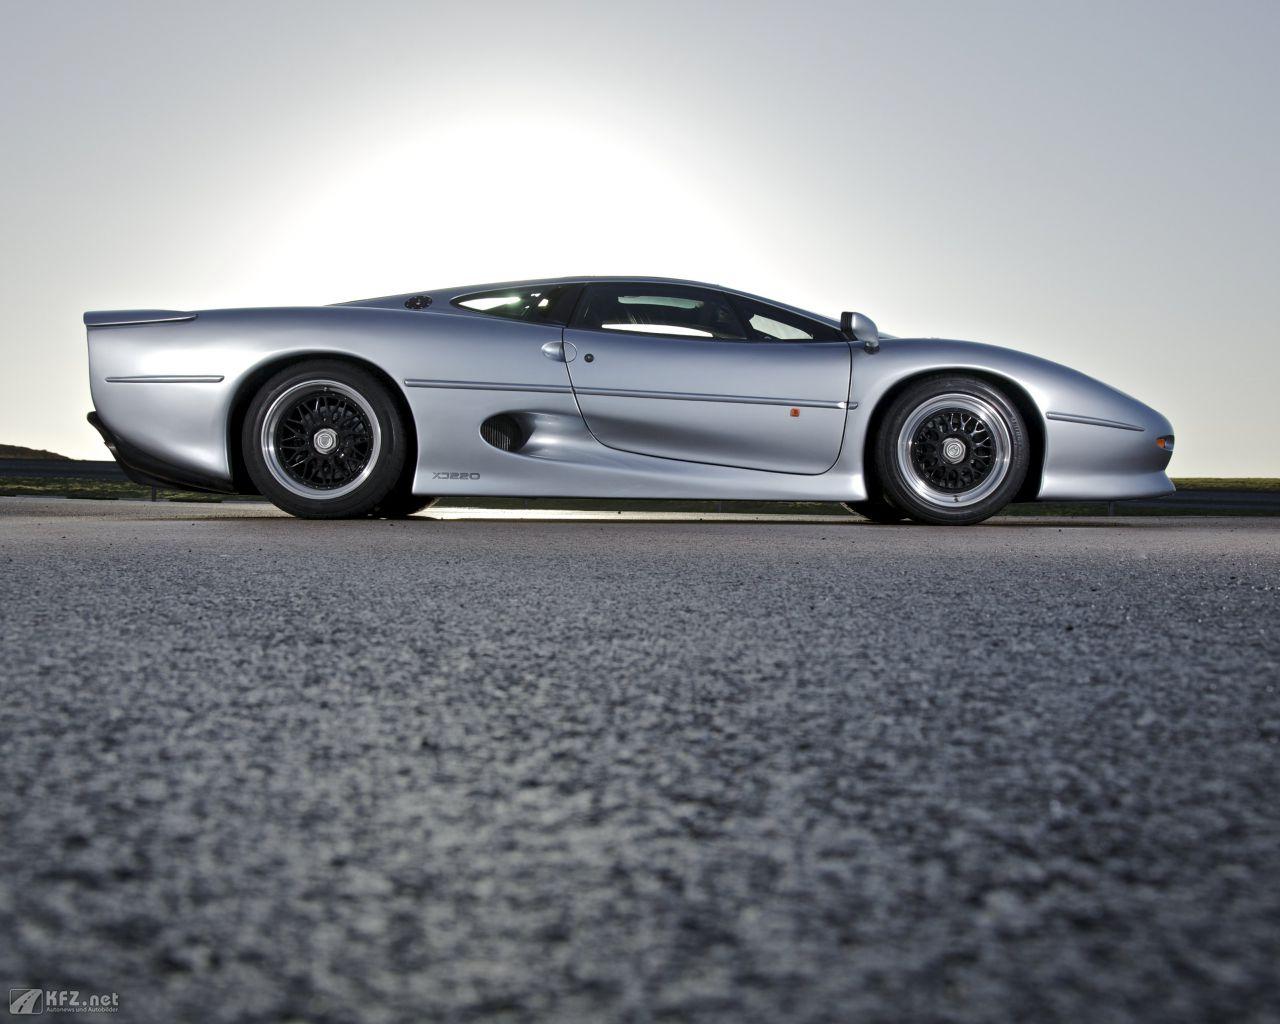 jaguar-xj220-1280x1024-2